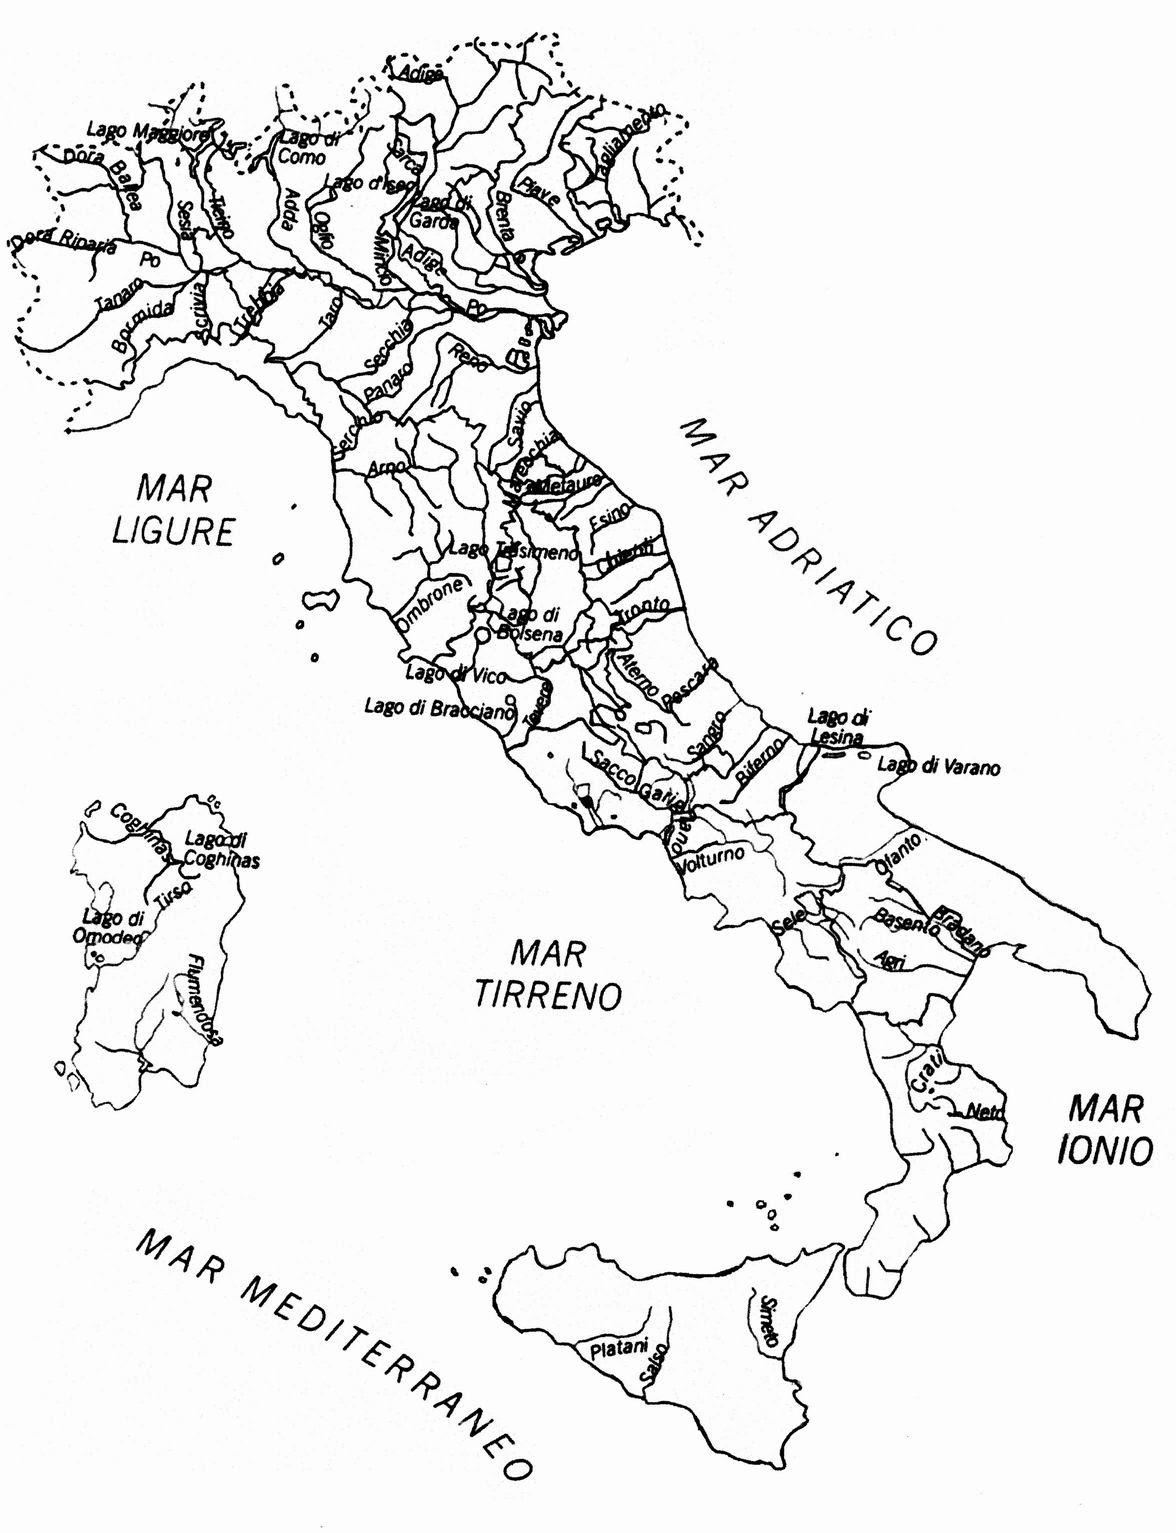 Cartina Politica Italia In Bianco E Nero Da Stampare.Cartina Europa Politica Da Colorare Home Accessories